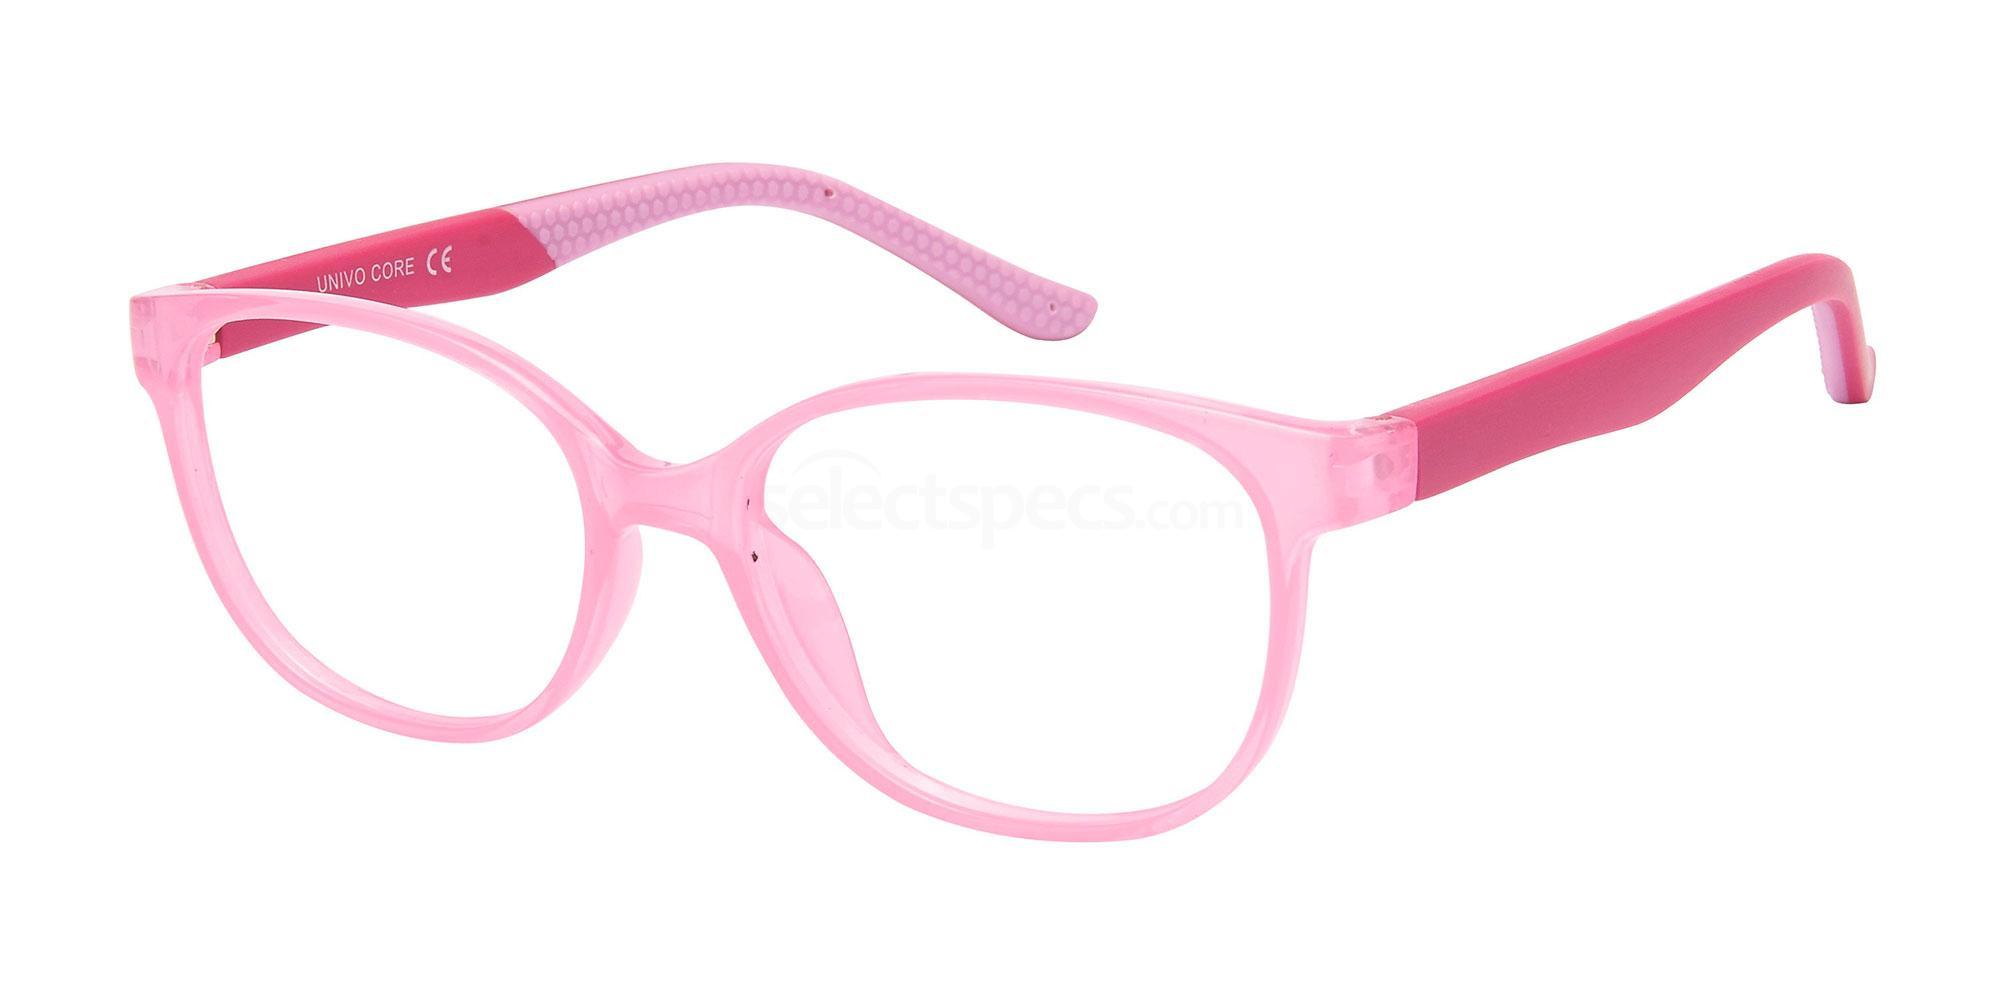 C1 UC736 Glasses, Univo Core